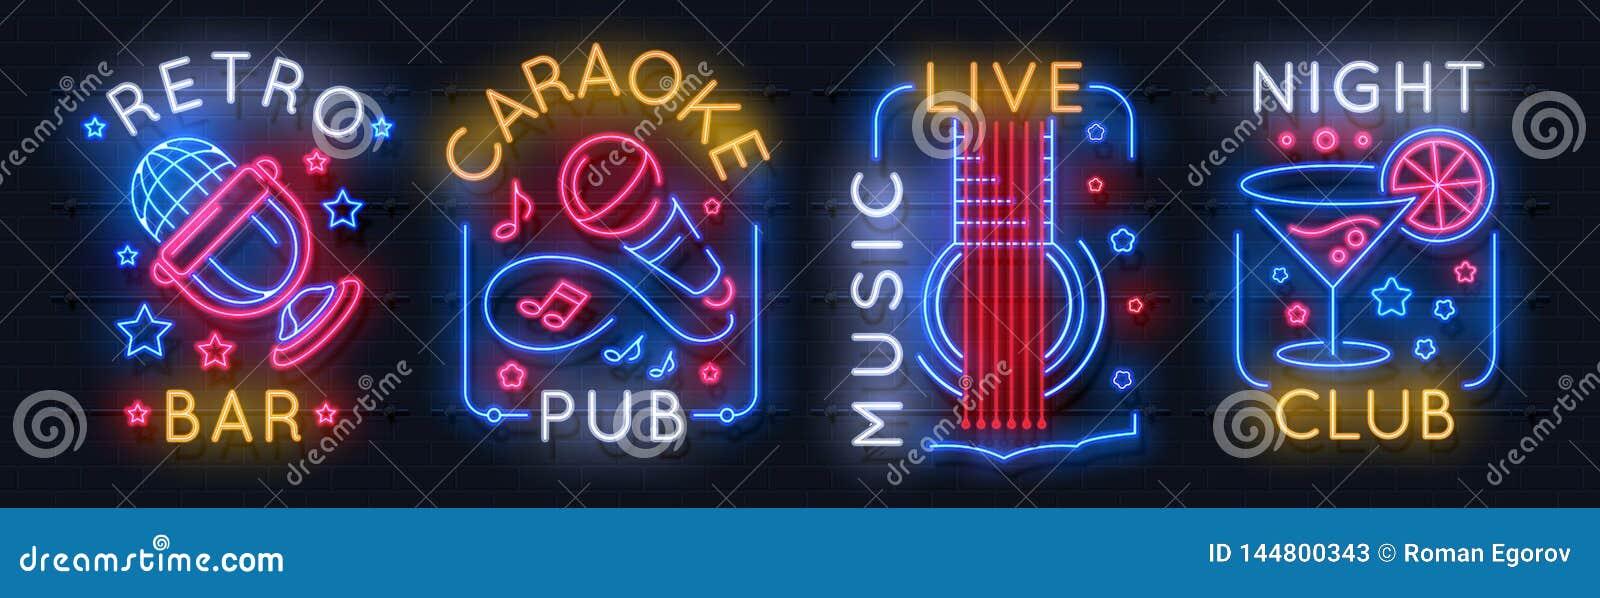 Neonmusiktecken Ljus logo för karaoke, solitt studioljusemblem, grafisk affisch för nattklubb Etikett för neon för vektormusi